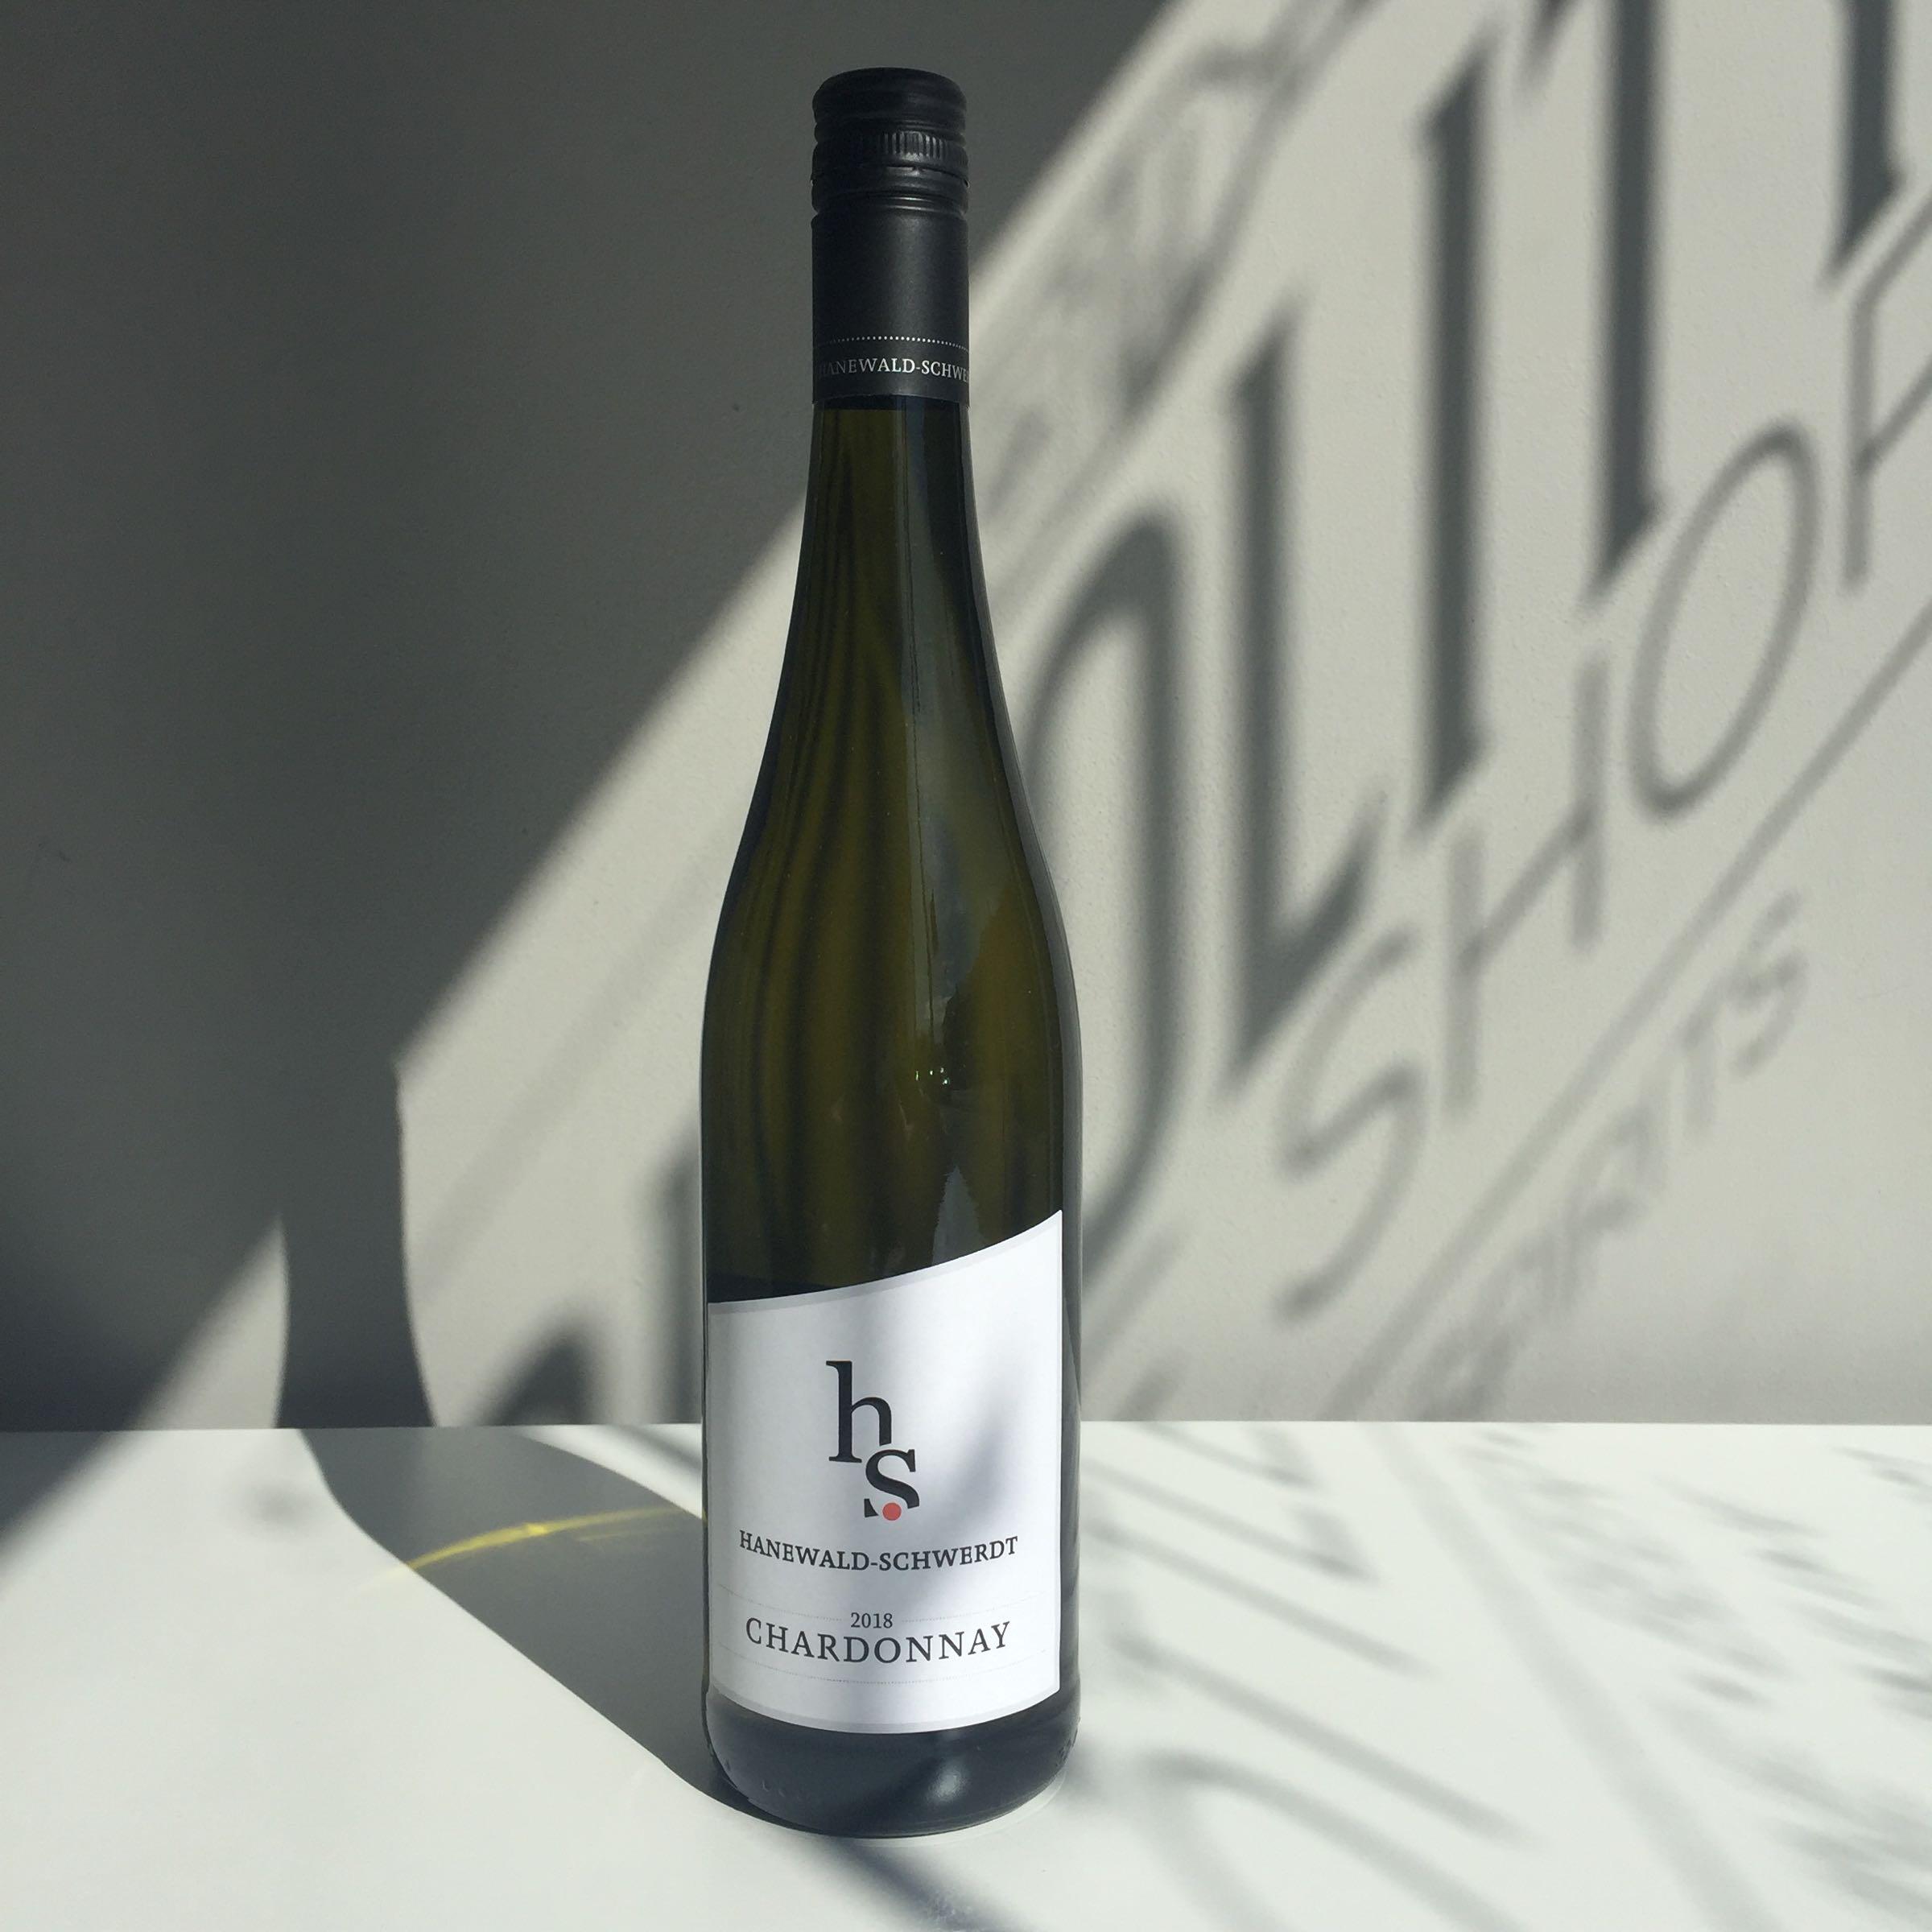 Hanewald-Schwerdt - Chardonnay 2018